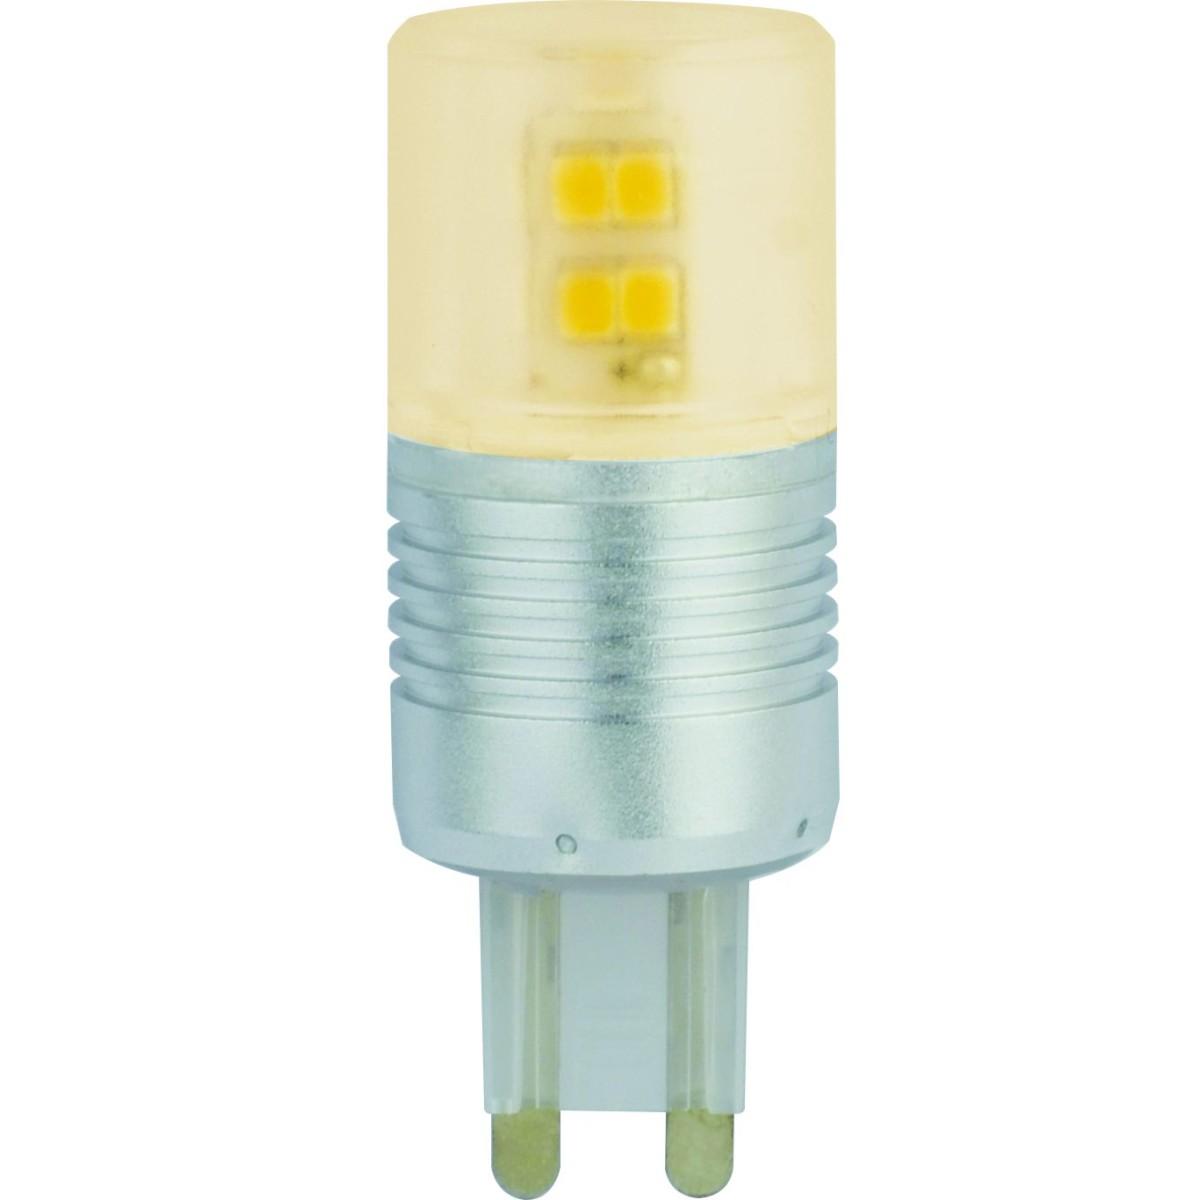 Лампа Ecola Premium светодионая G9 4.10 Вт капсула 348 Лм теплый свет